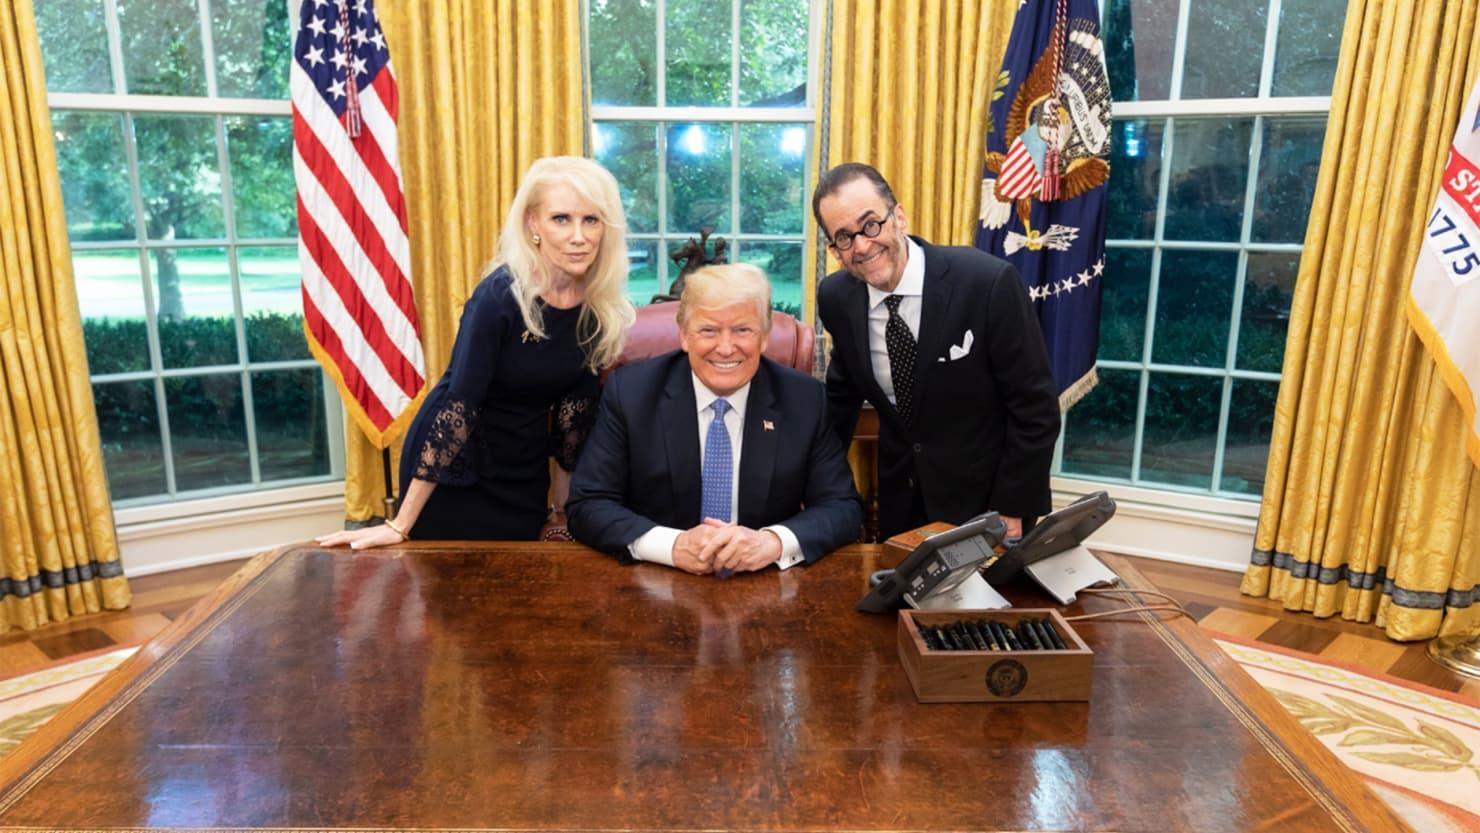 Дональд Трамп пригласил в Белый дом известного конспиролога